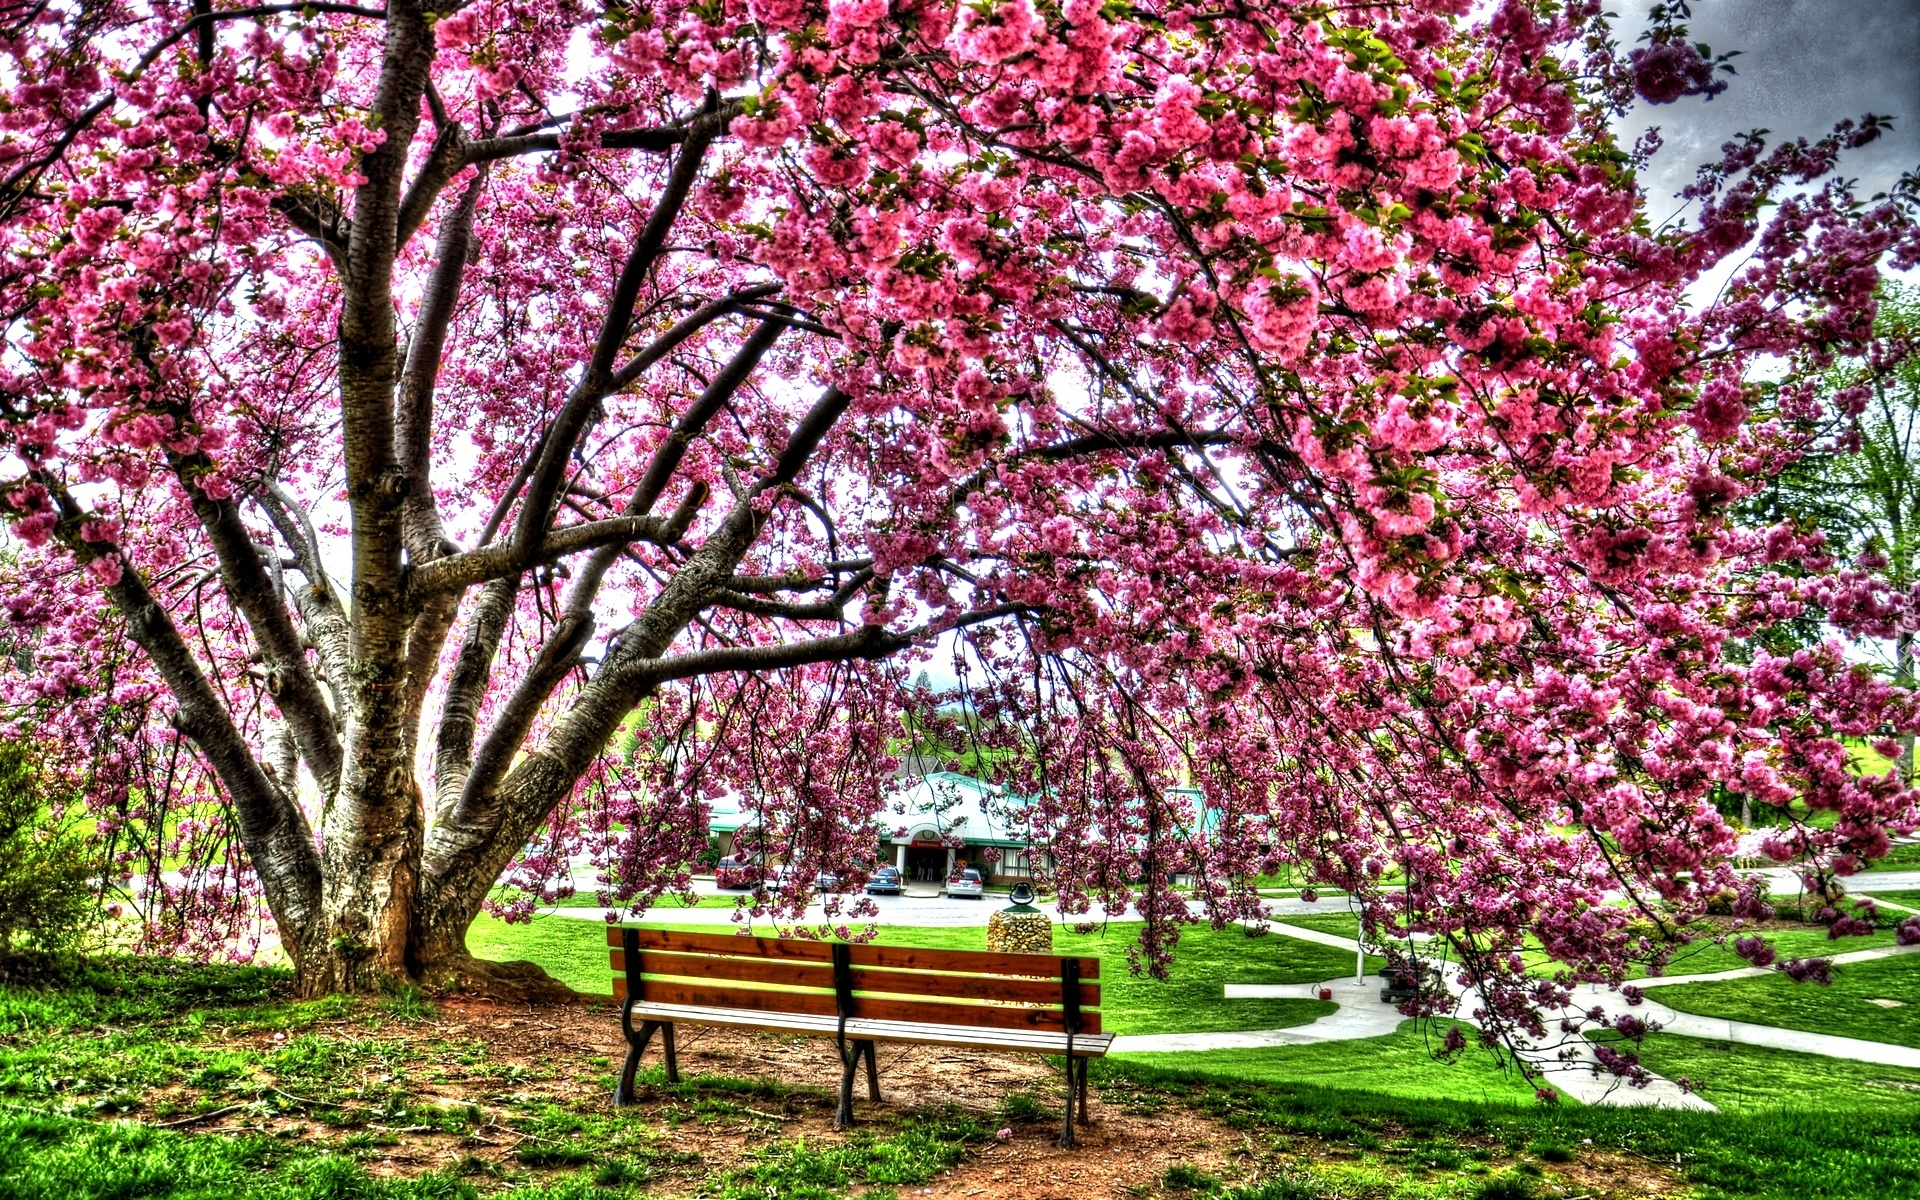 Wiosna, Park, Kwitnące, Drzewo, Ławka